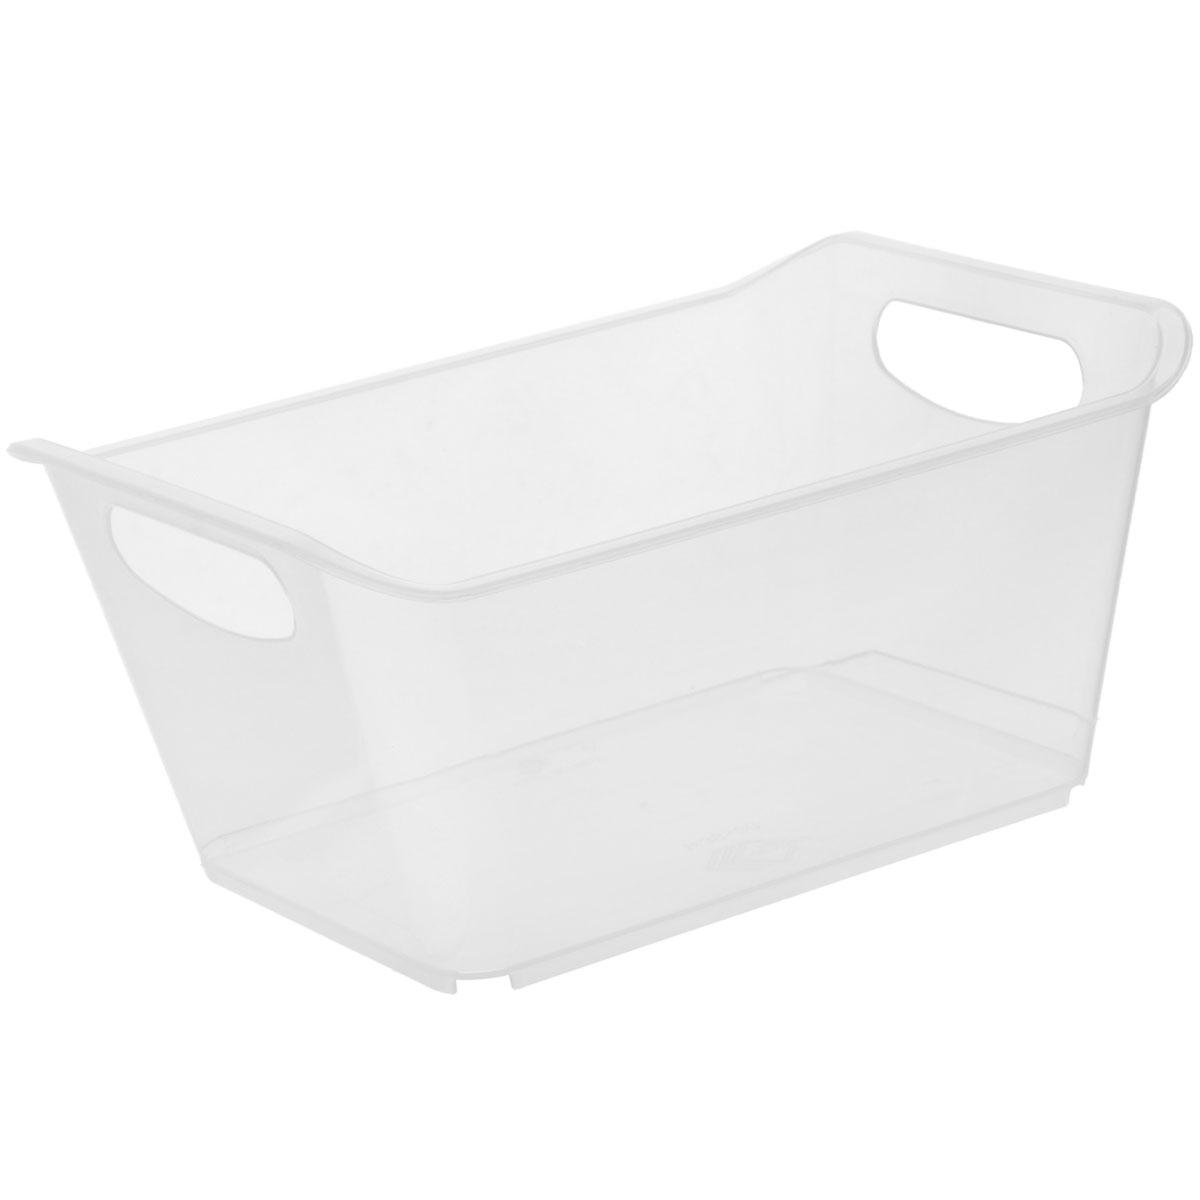 Контейнер Gensini, цвет: прозрачный, 1,5 л3330_прозрачныйКонтейнер Gensini выполнен из прочного пластика. Он предназначен для хранения различных мелких вещей в ванной, на кухне, даче или гараже, исключая возможность их потери. По бокам контейнера предусмотрены две удобные ручки для его переноски. Контейнер поможет хранить все в одном месте, а также защитить вещи от пыли, грязи и влаги. Объем: 1,5 л.